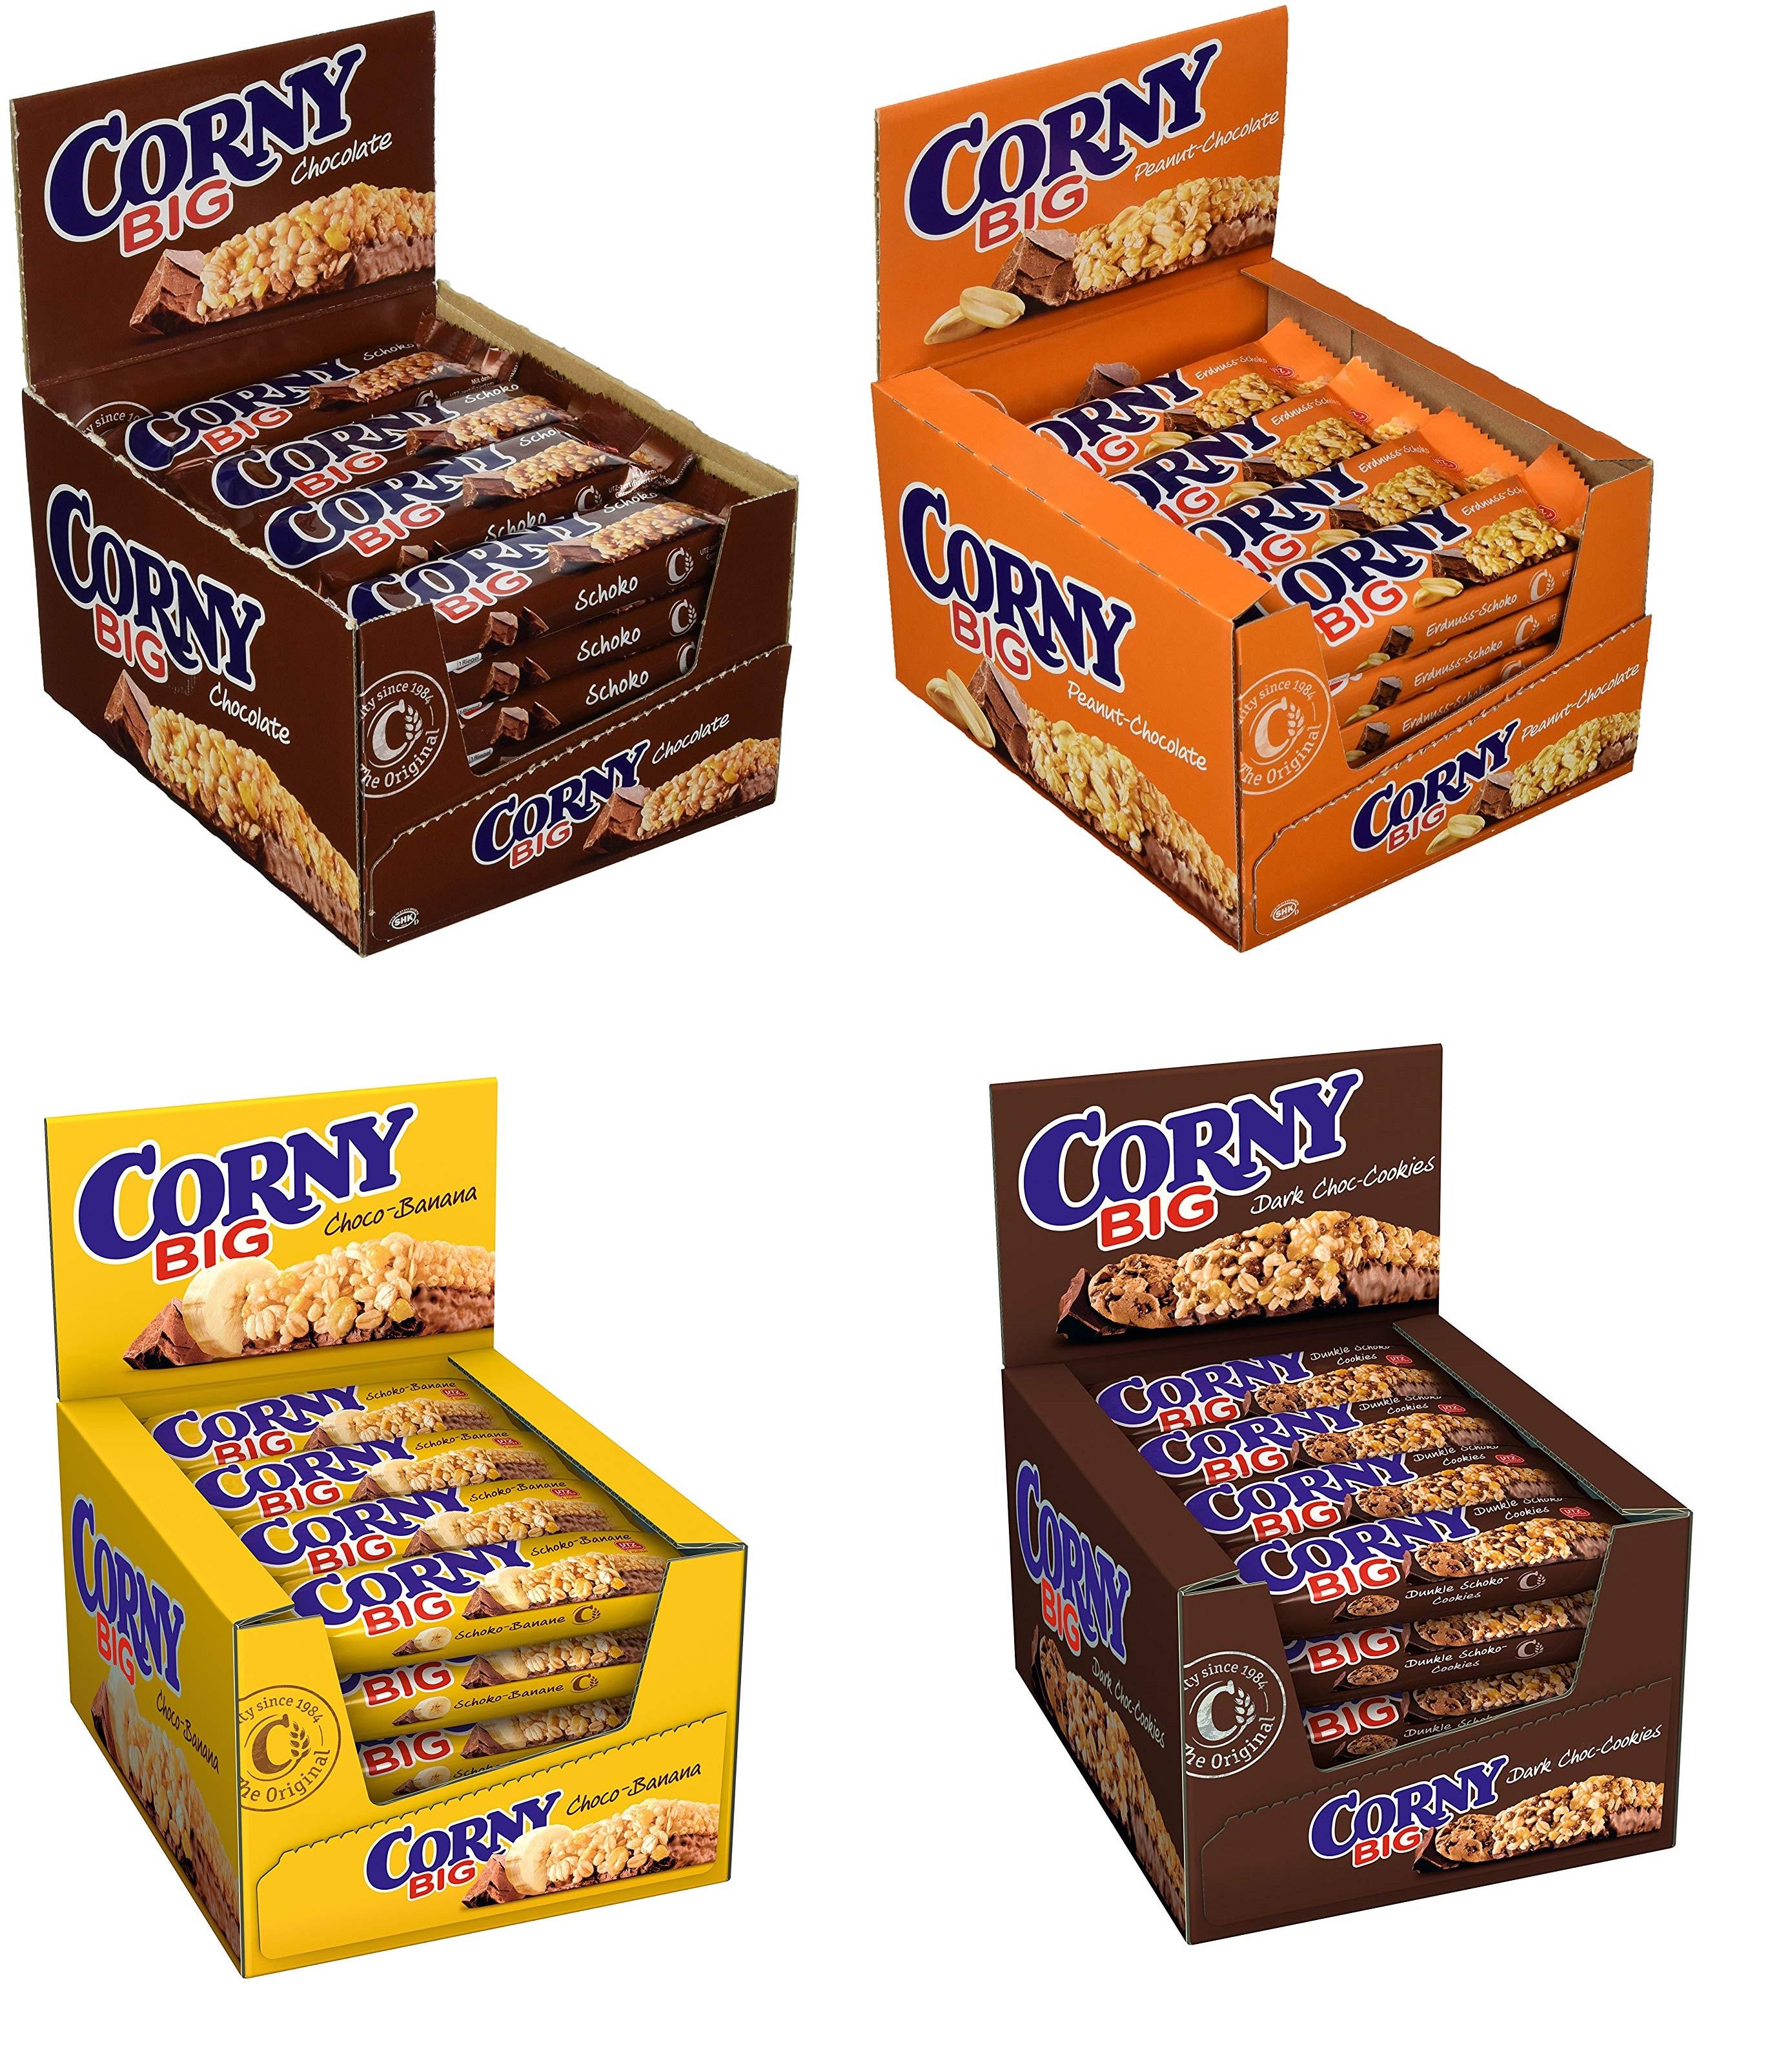 Corny BIG, verschiedene Sorten (24x 50g) = 0,35 o. 0,40 € pro Riegel | Amazon Prime (ausverkauft aber bestellbar, siehe Beschreibung!)